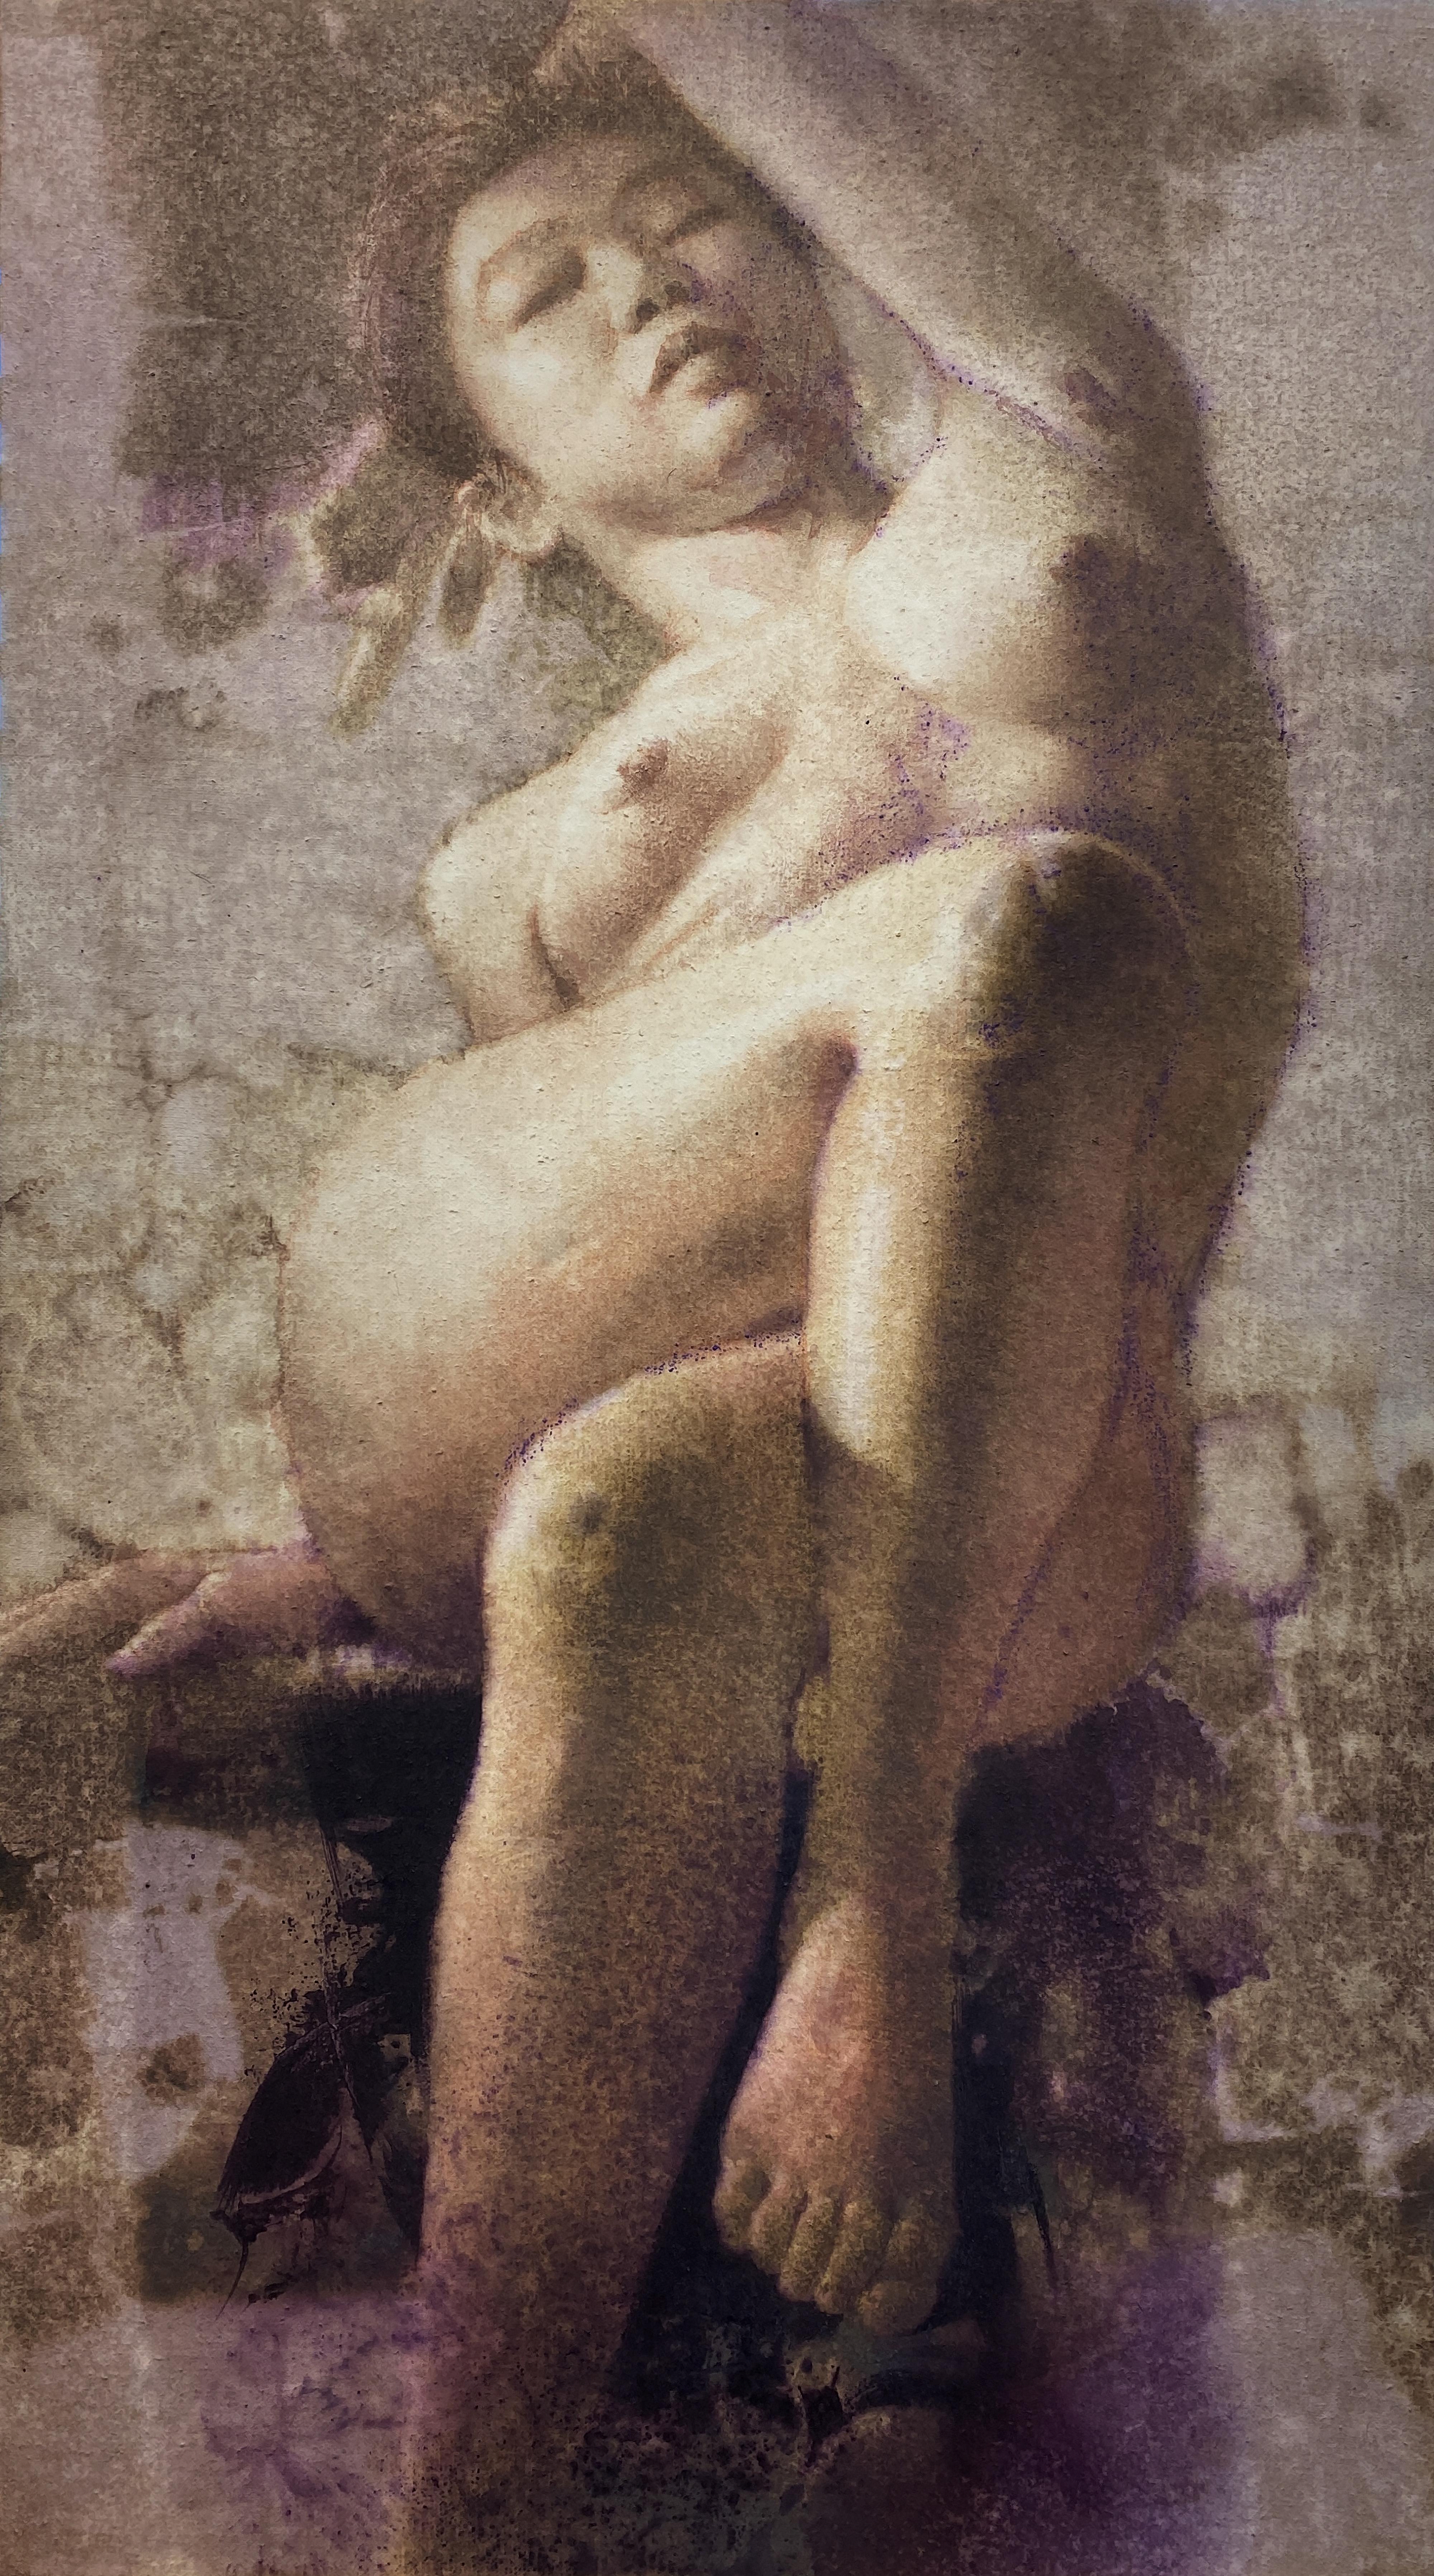 021, 김종원, Dream, 90 x 50 cm, watercolor